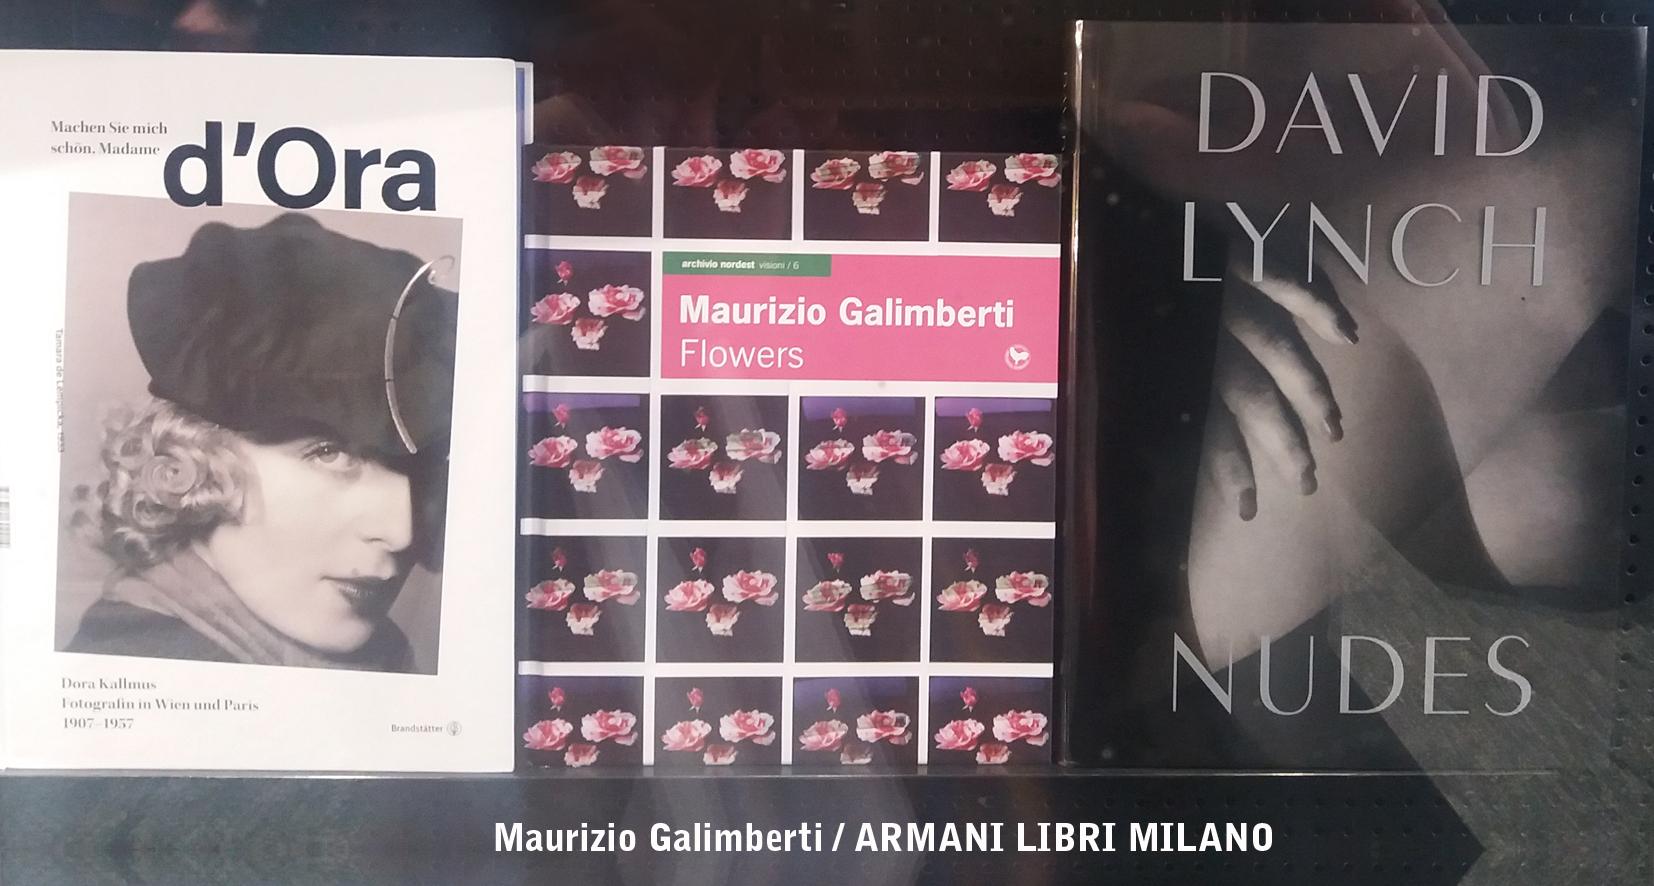 Maurizio-Galimberti-cover.jpg